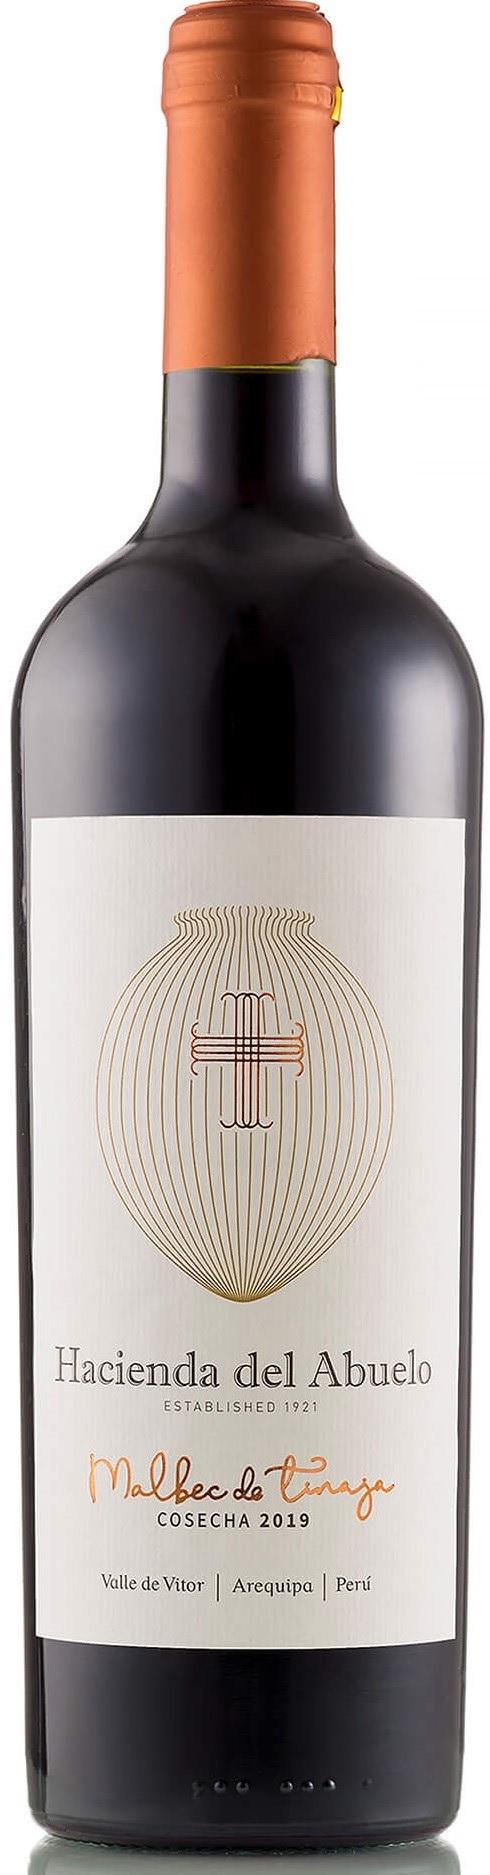 Caudalia wine Box Julio 2021 Peru Hacienda del Abuelo - Malbec de Tinaja - Arequipa - 2019